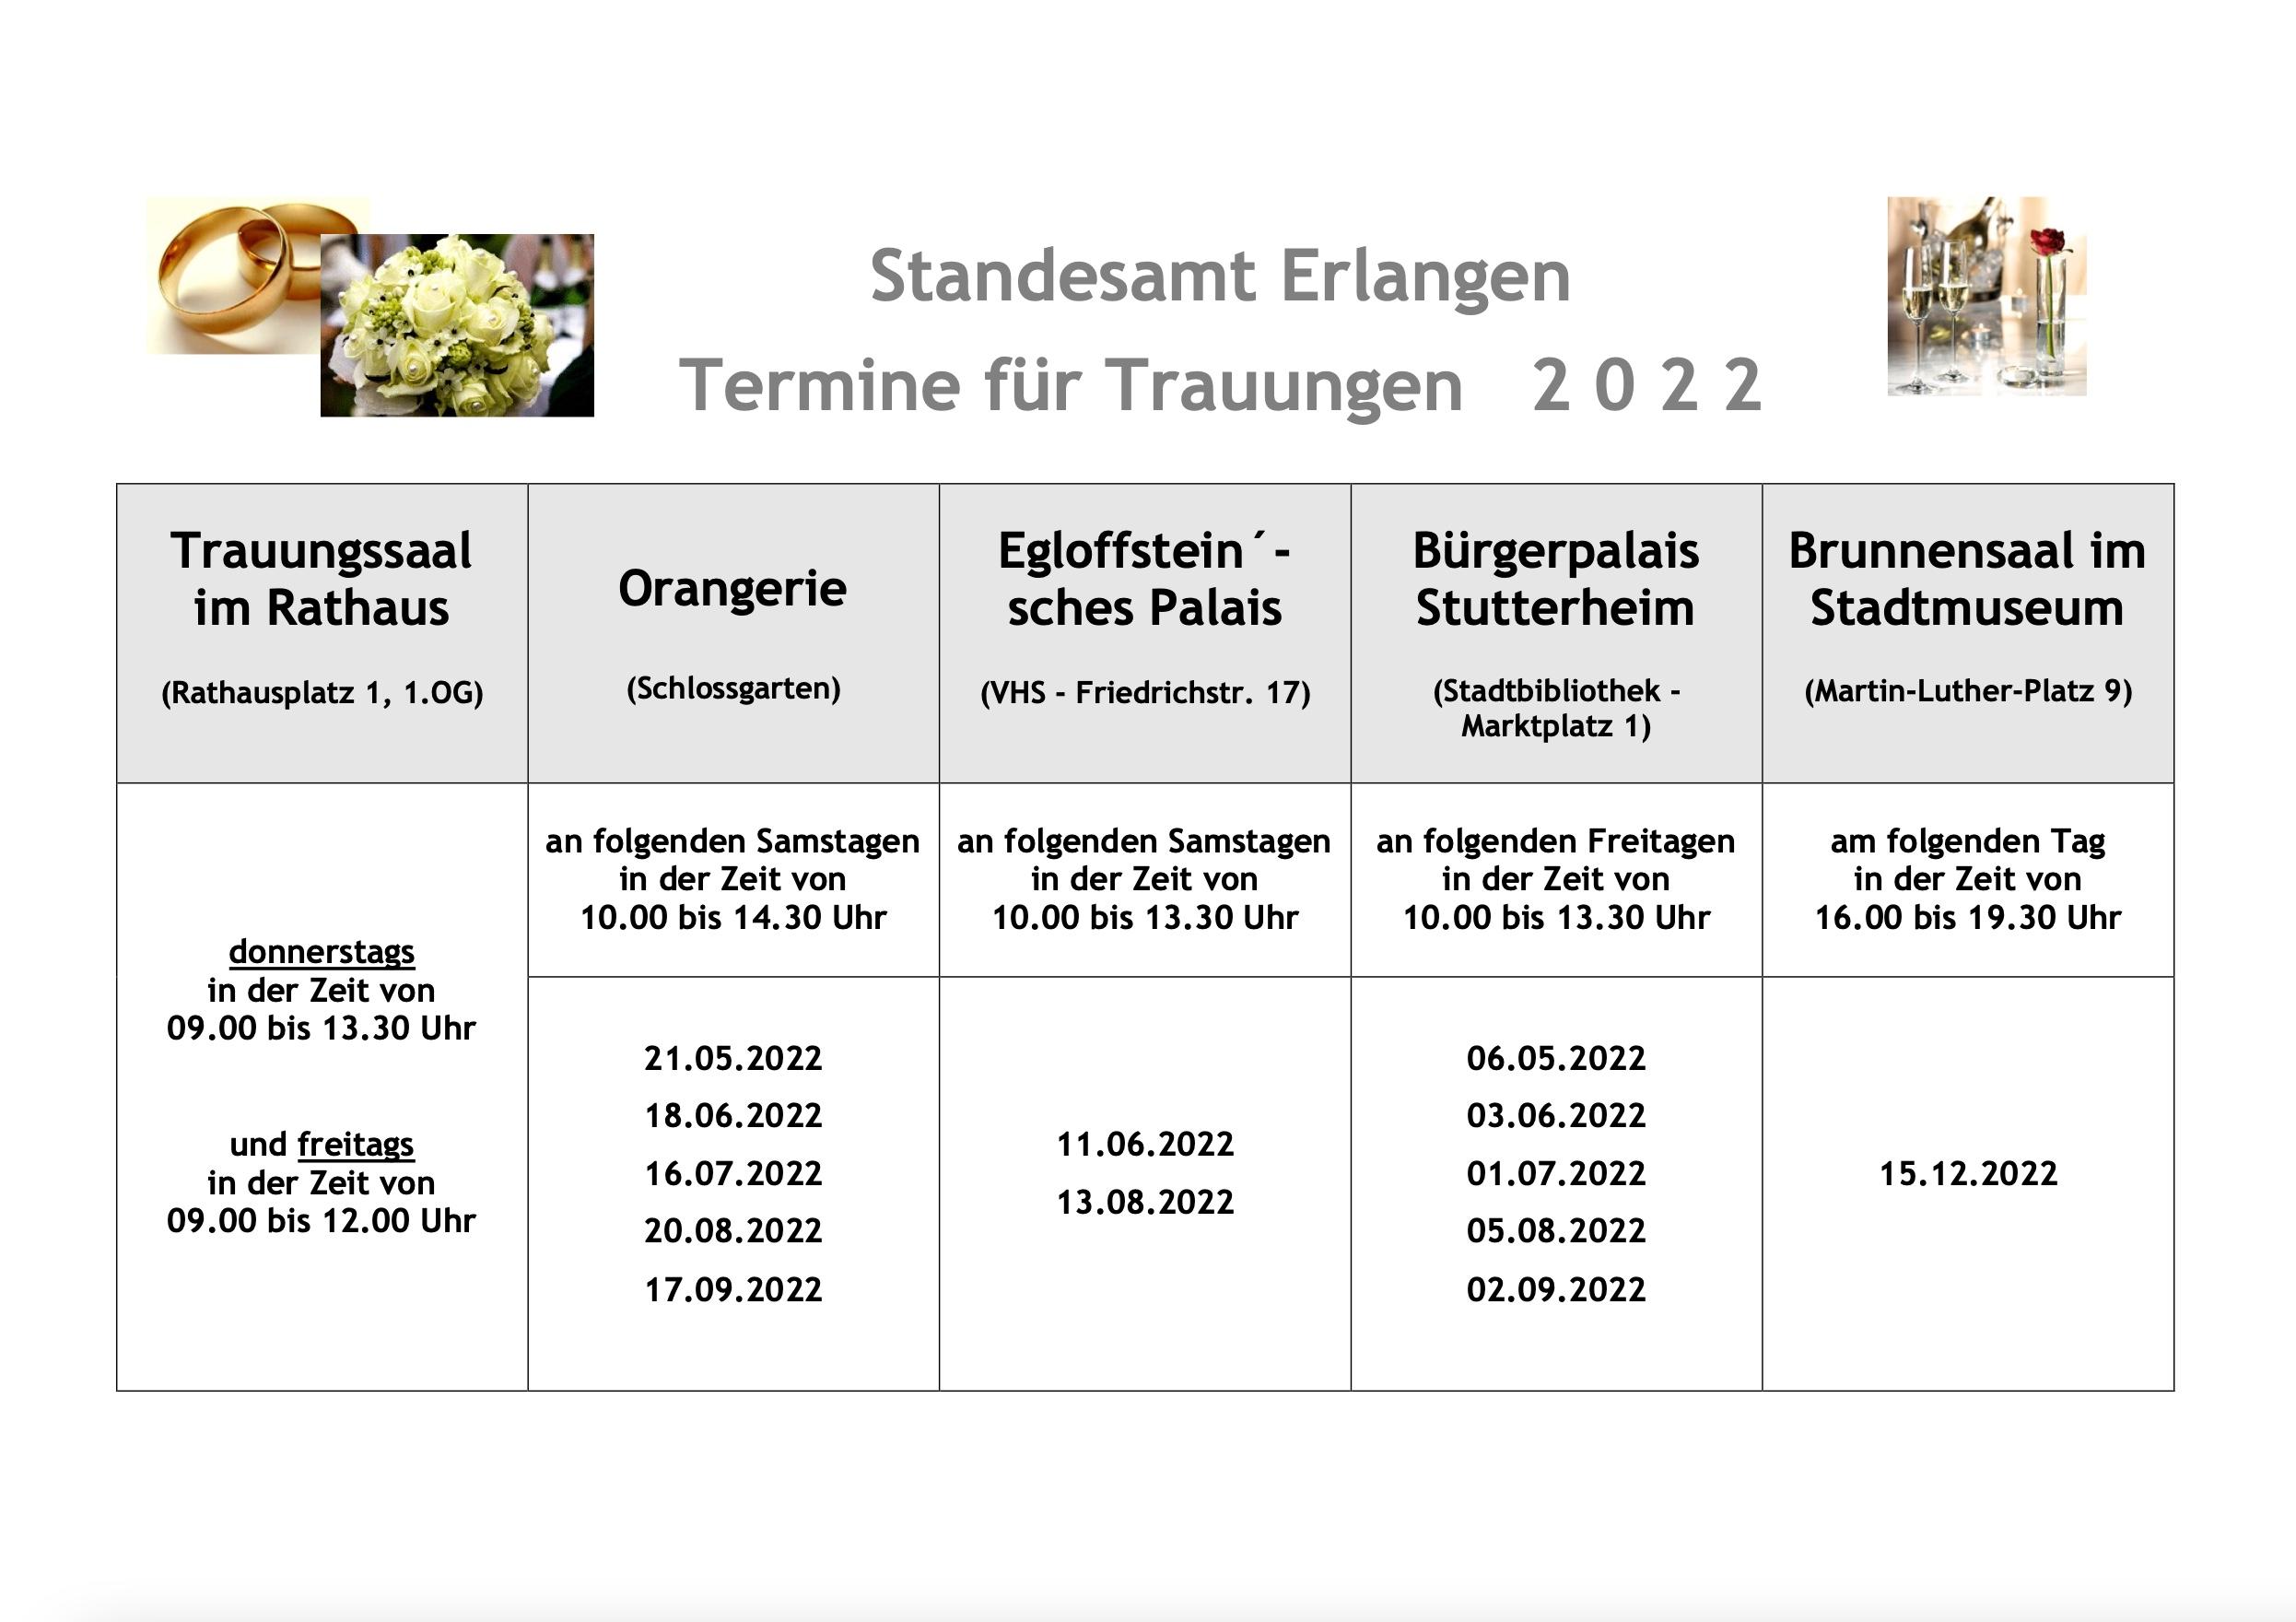 Trautermine in Erlangen 2022